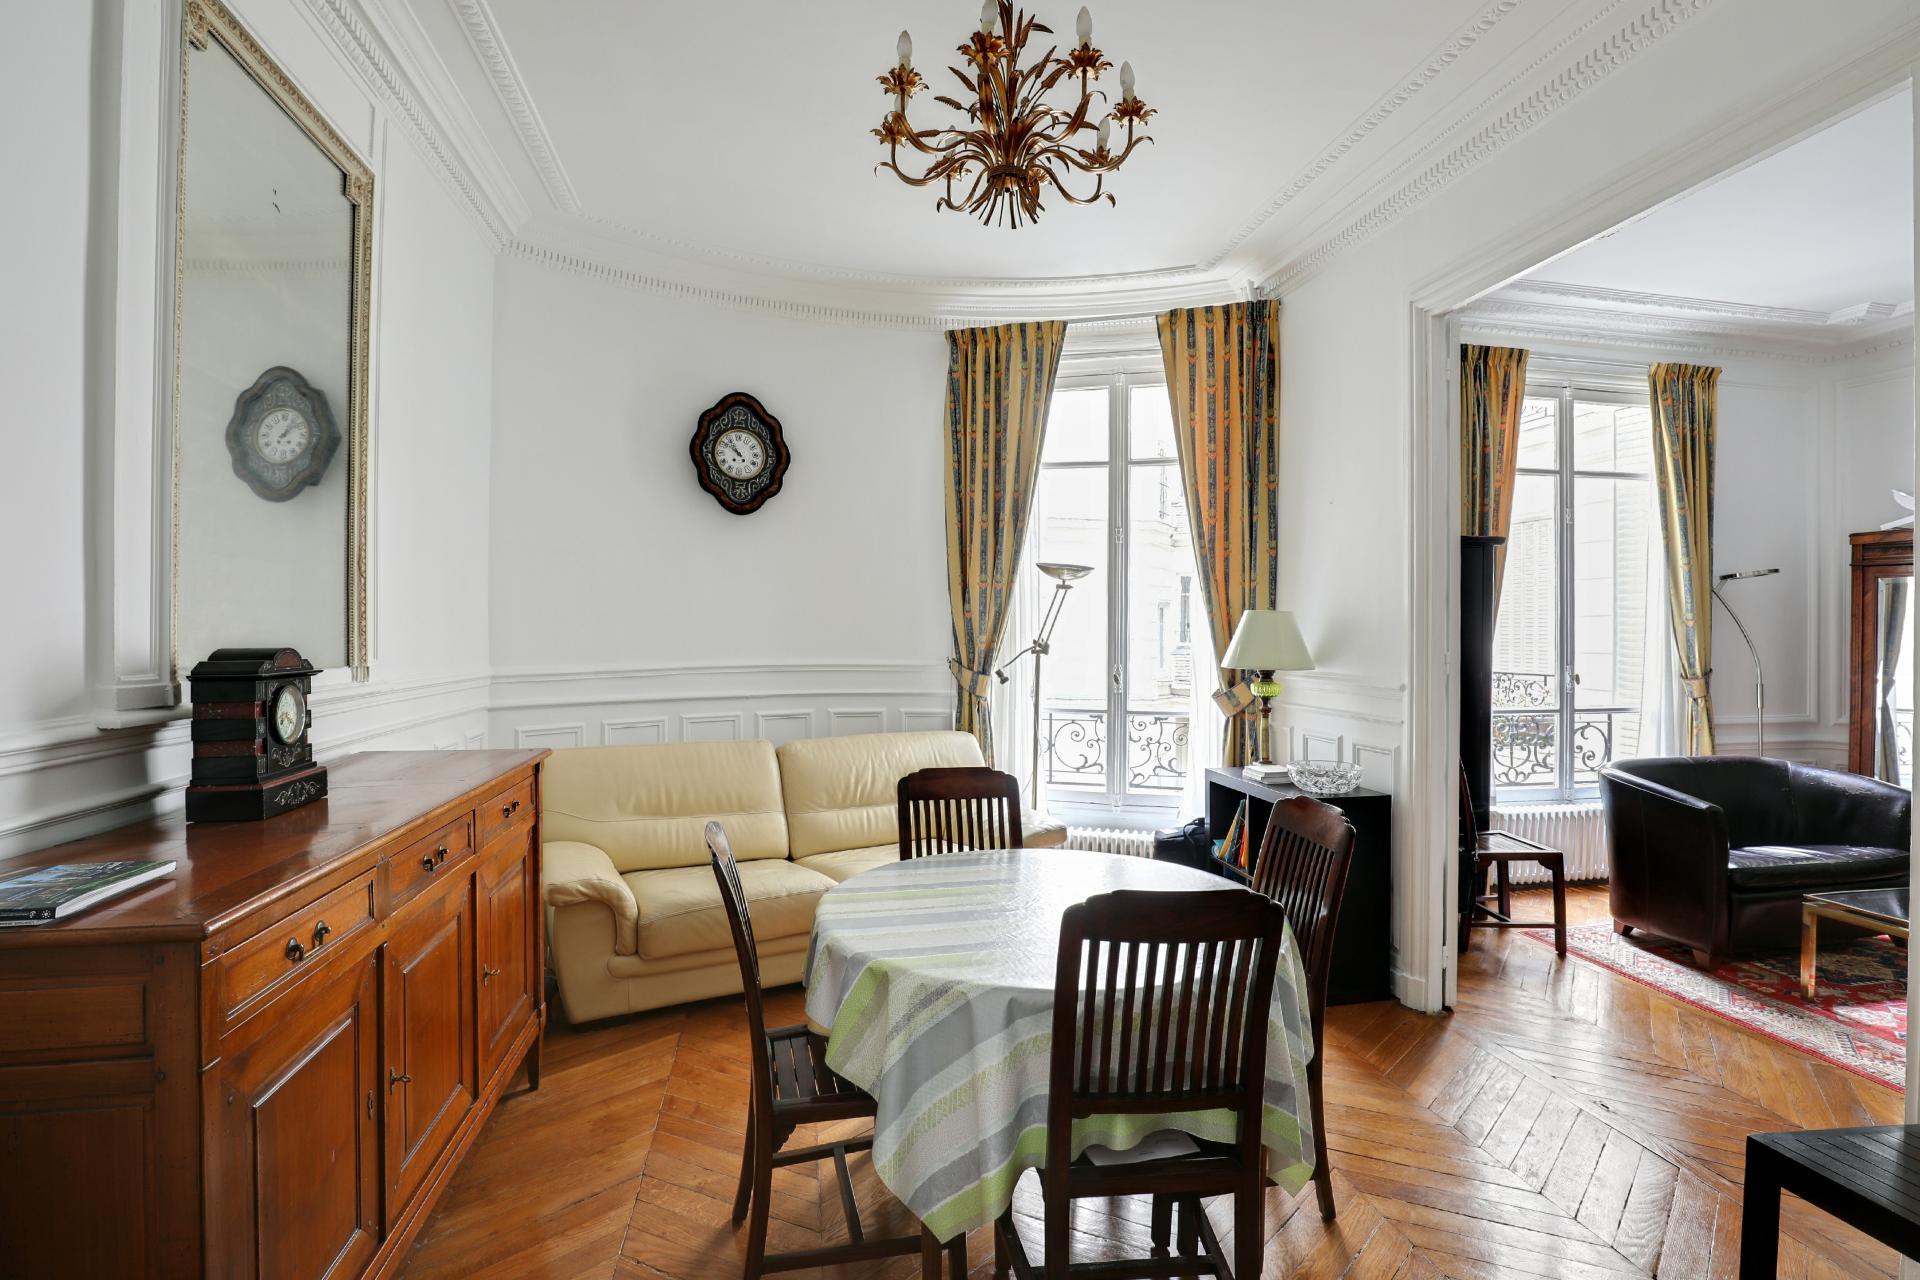 PARIS 16ème, rue Marbeau, appartement 99m², possibilité professions libérales